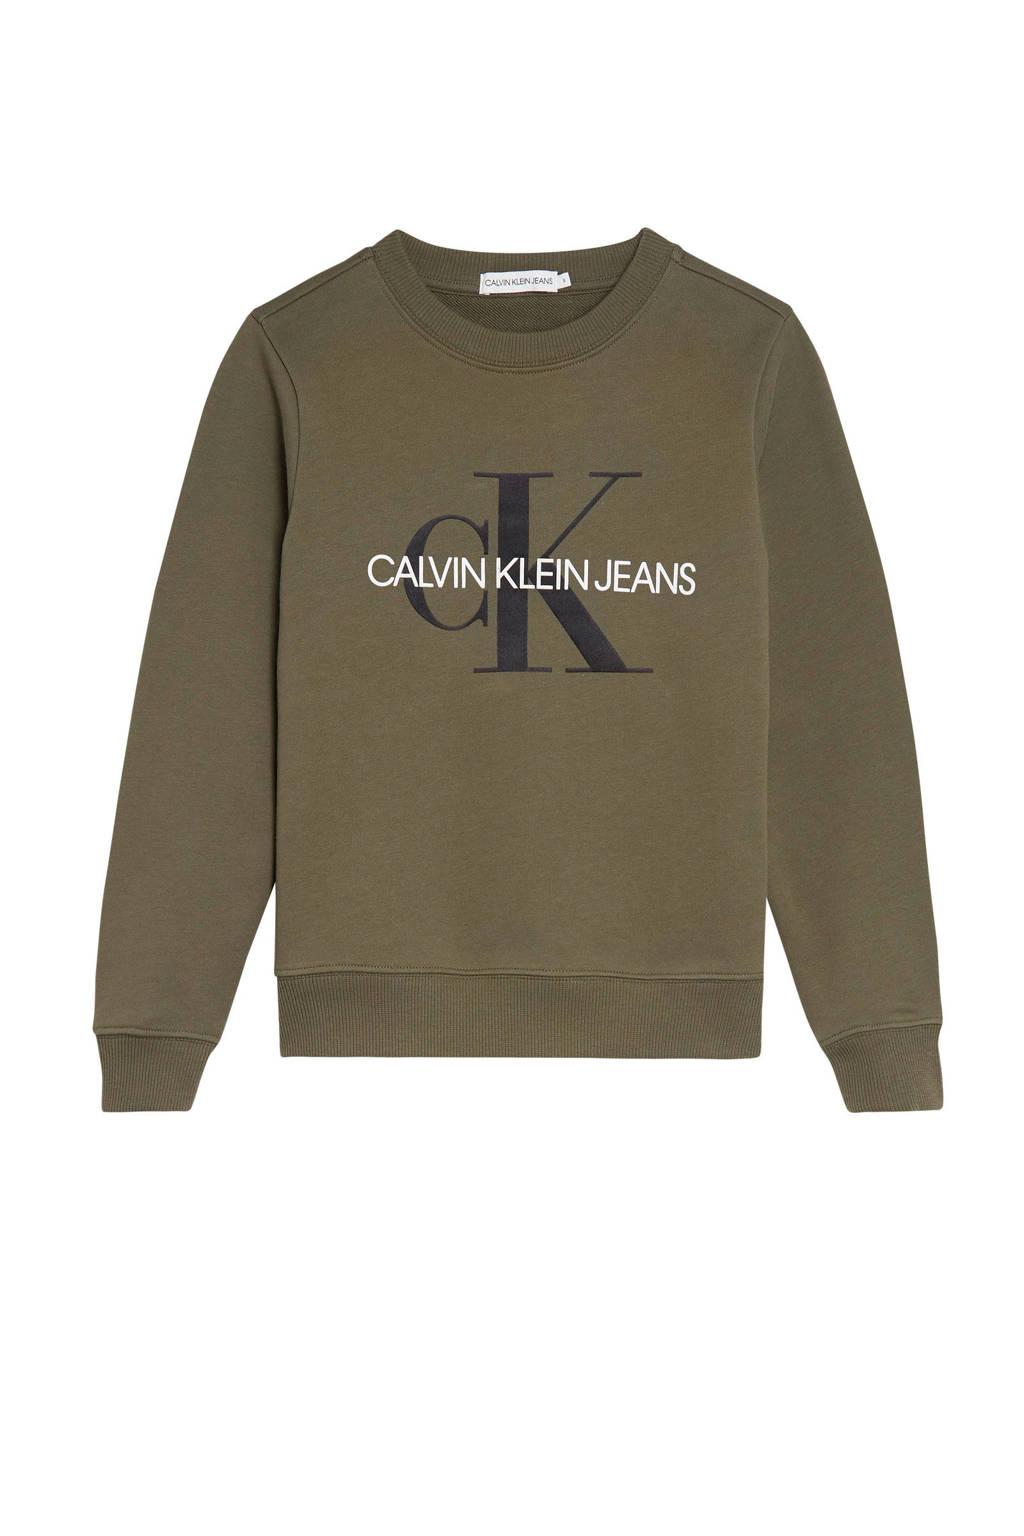 CALVIN KLEIN JEANS sweater met logo olijfgroen/zwart/wit, Olijfgroen/zwart/wit